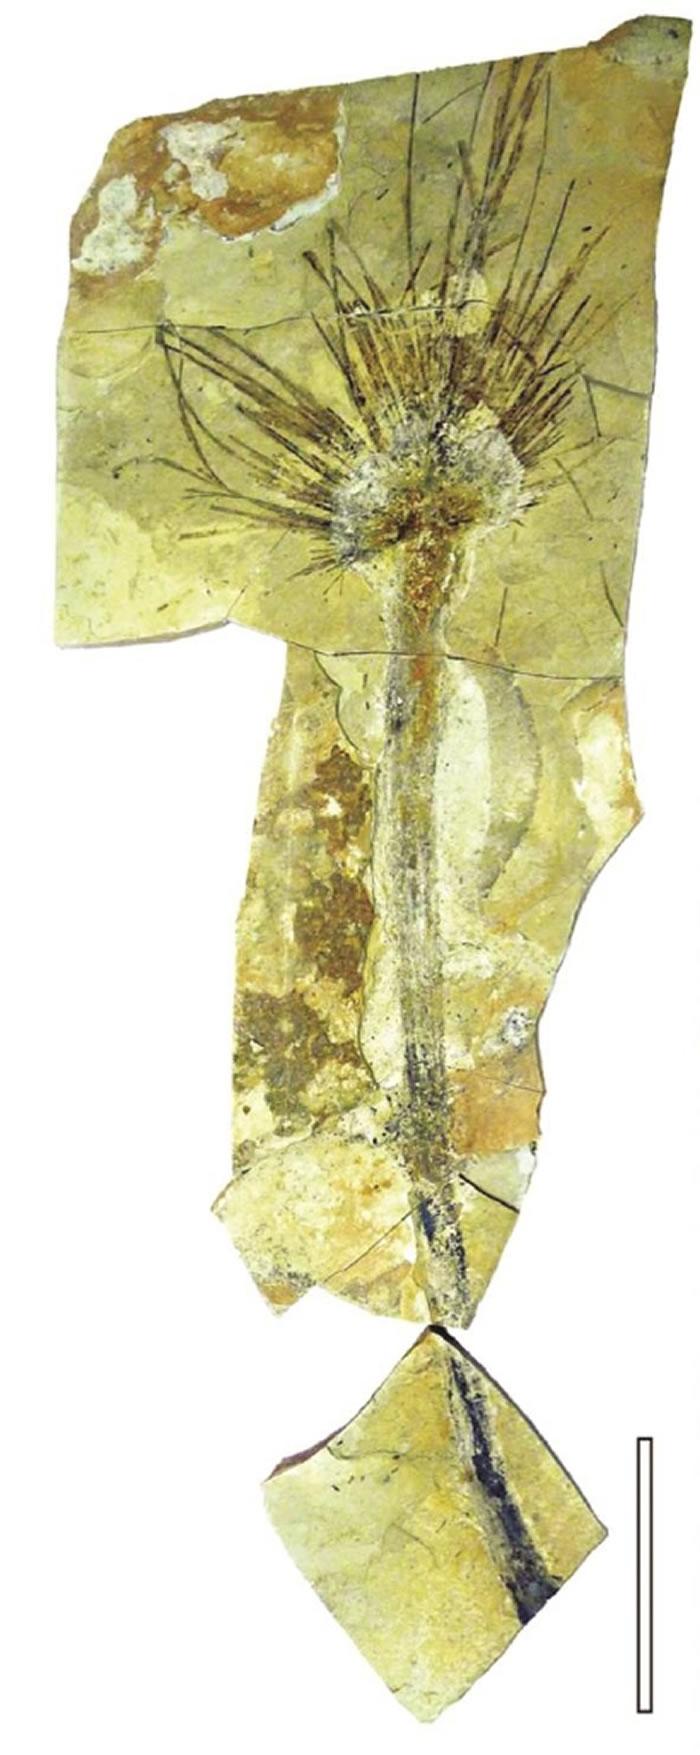 图为西藏似沙巴棕化石,比例尺10厘米。